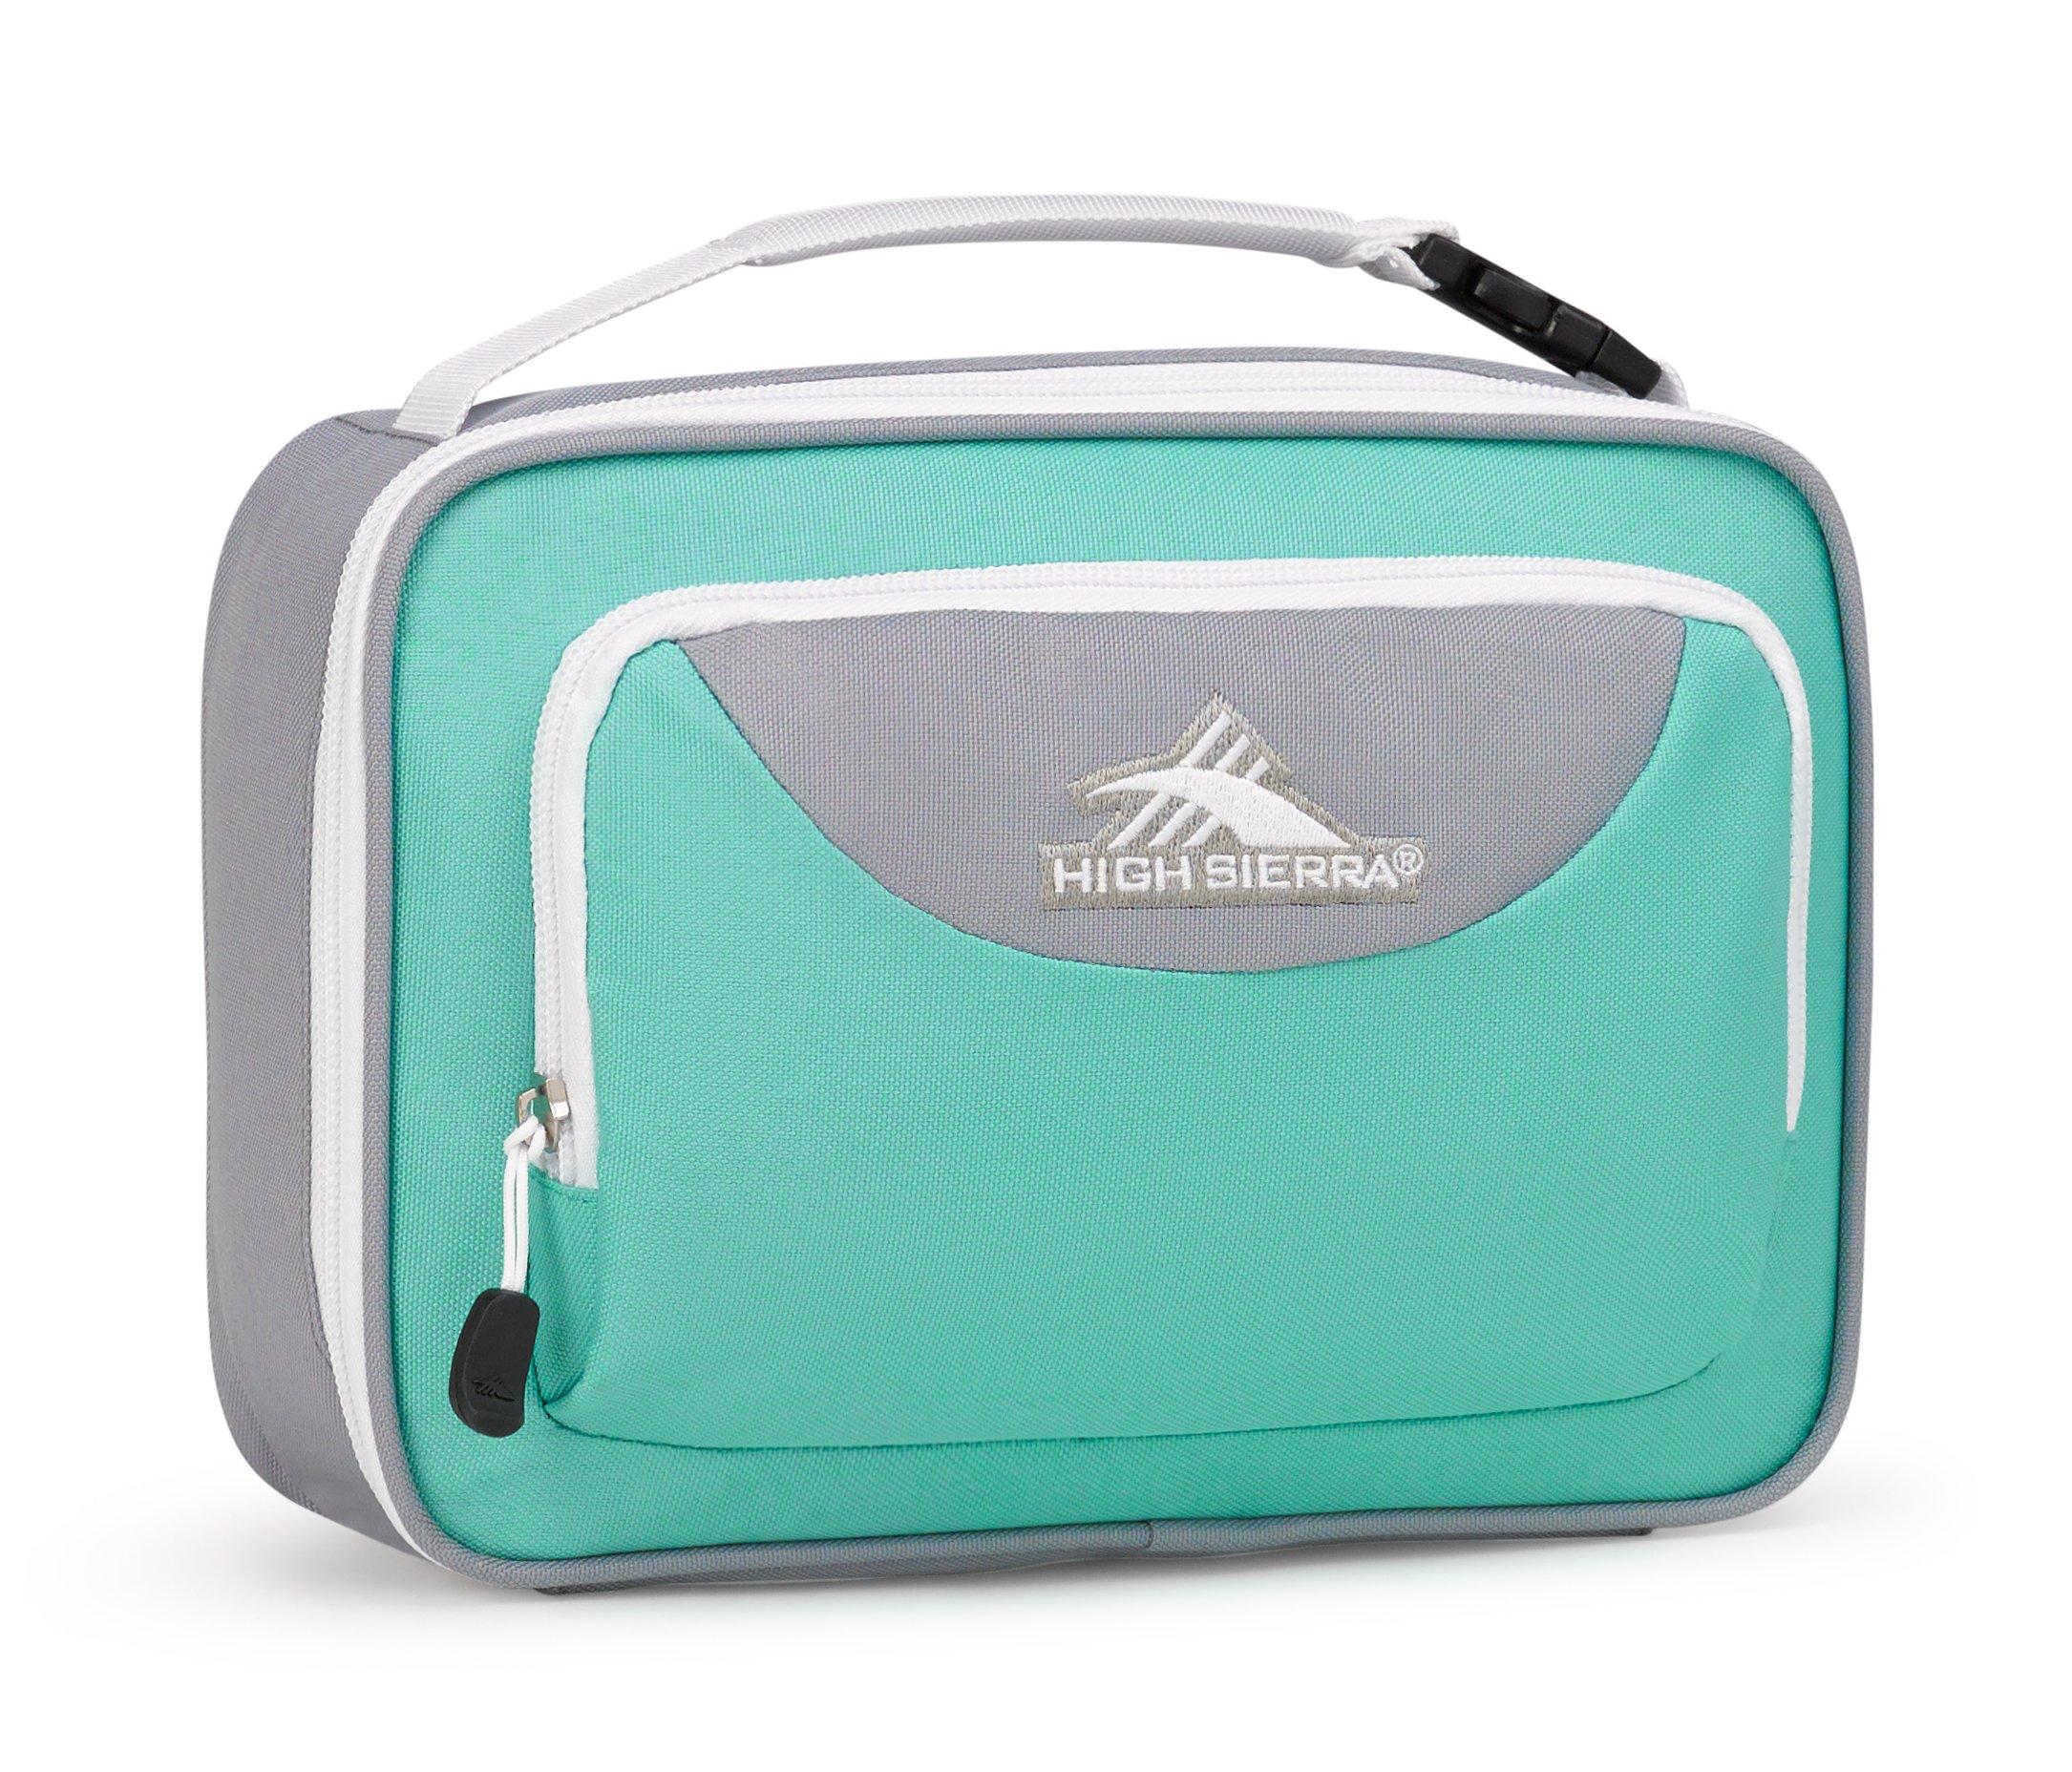 High Sierra Single Compartment Lunch Bag, Aquamarine/Ash/White